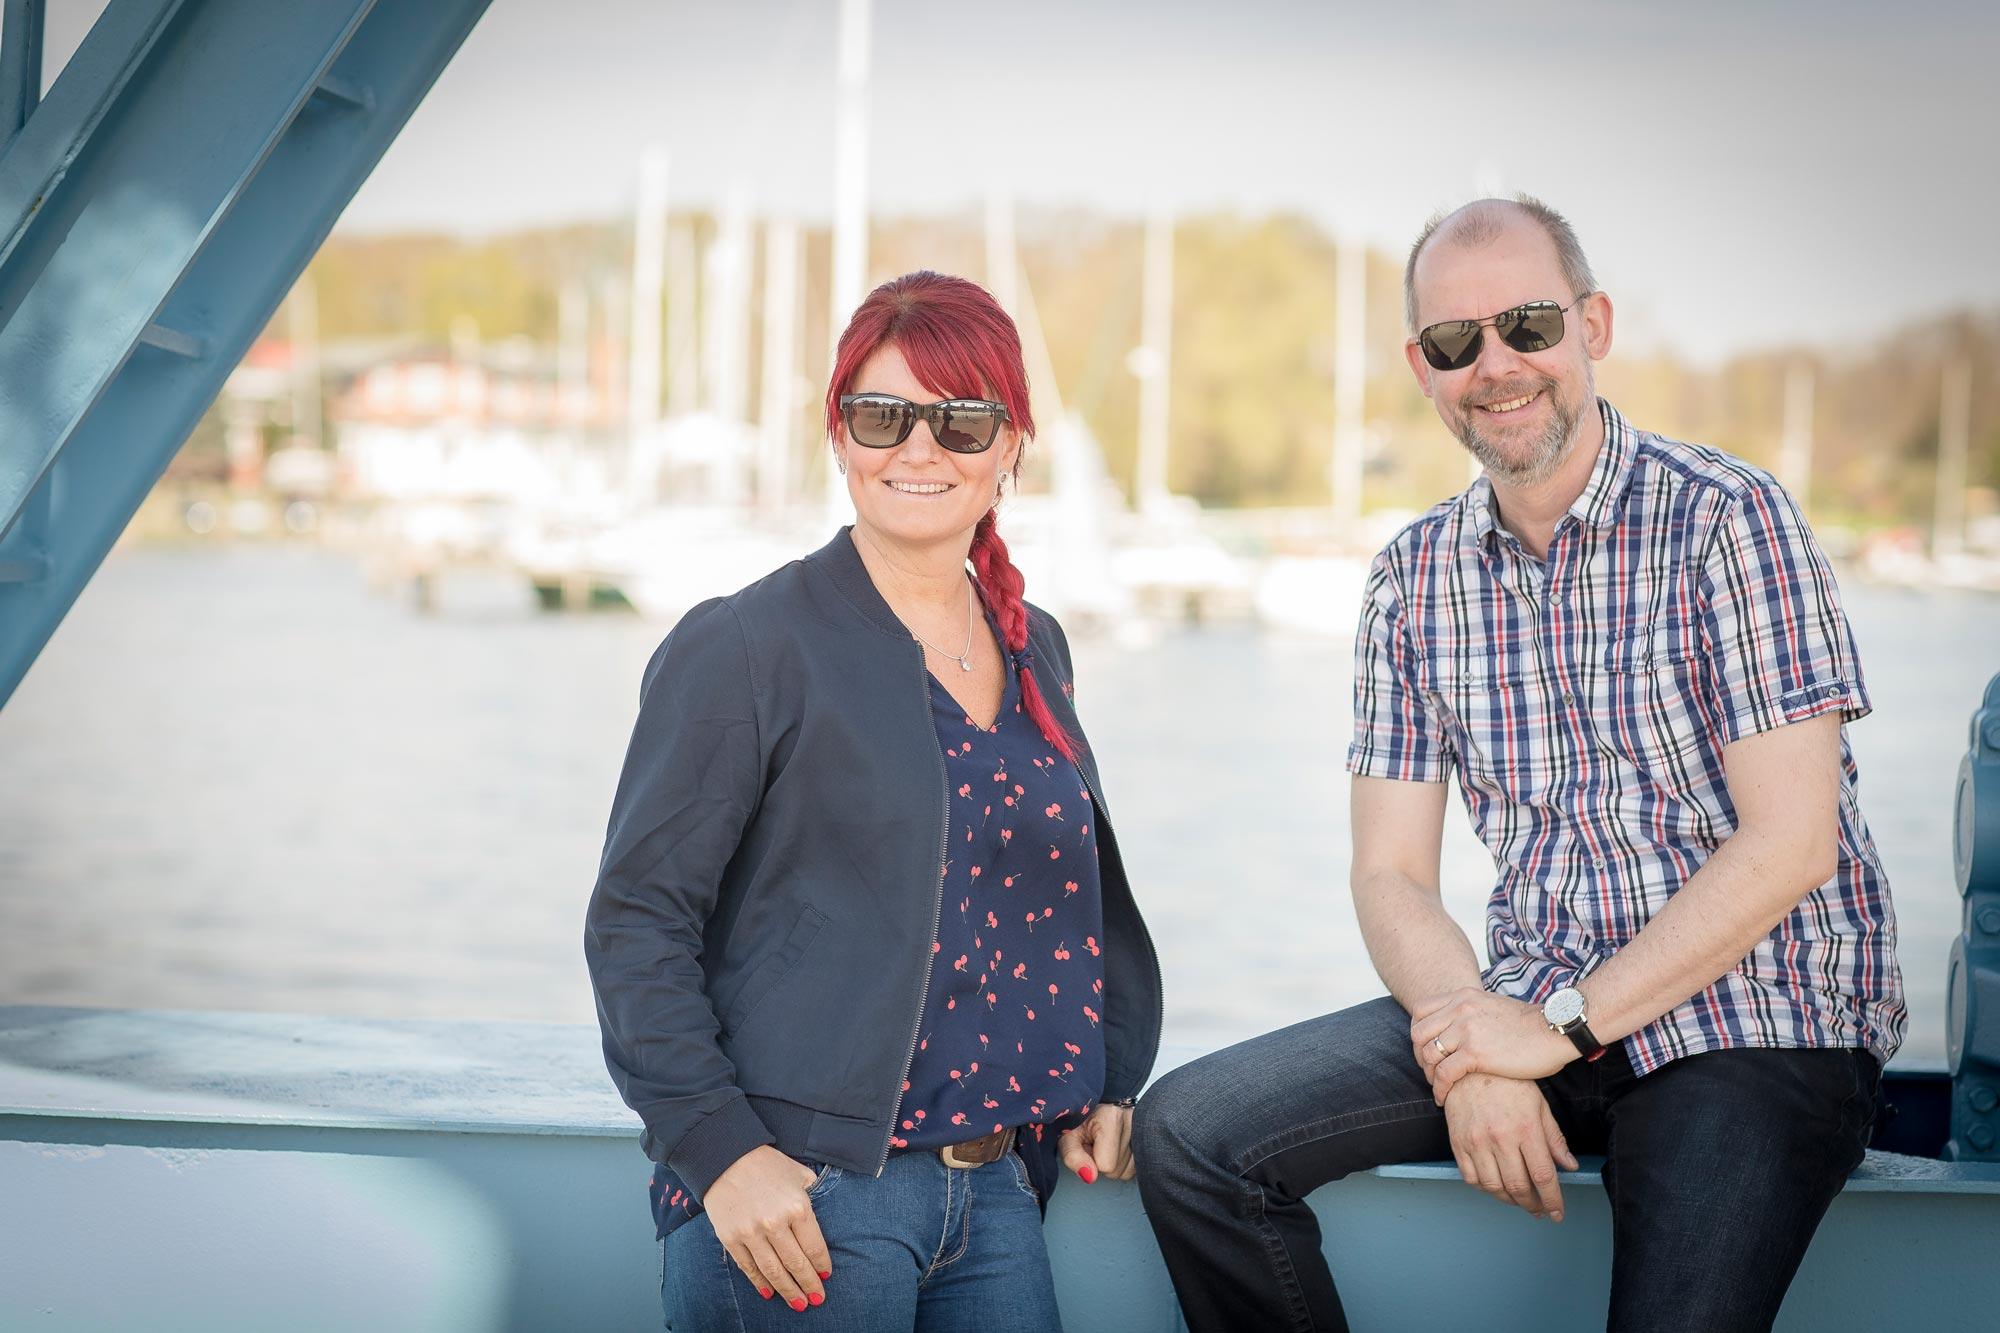 Cornelia Hinrichs und Ralf Baumgarten sind Augenoptikermeister bei Optik Sagawe in Reutershagen - haben hier Sonnenbrillen von Maui Jim auf